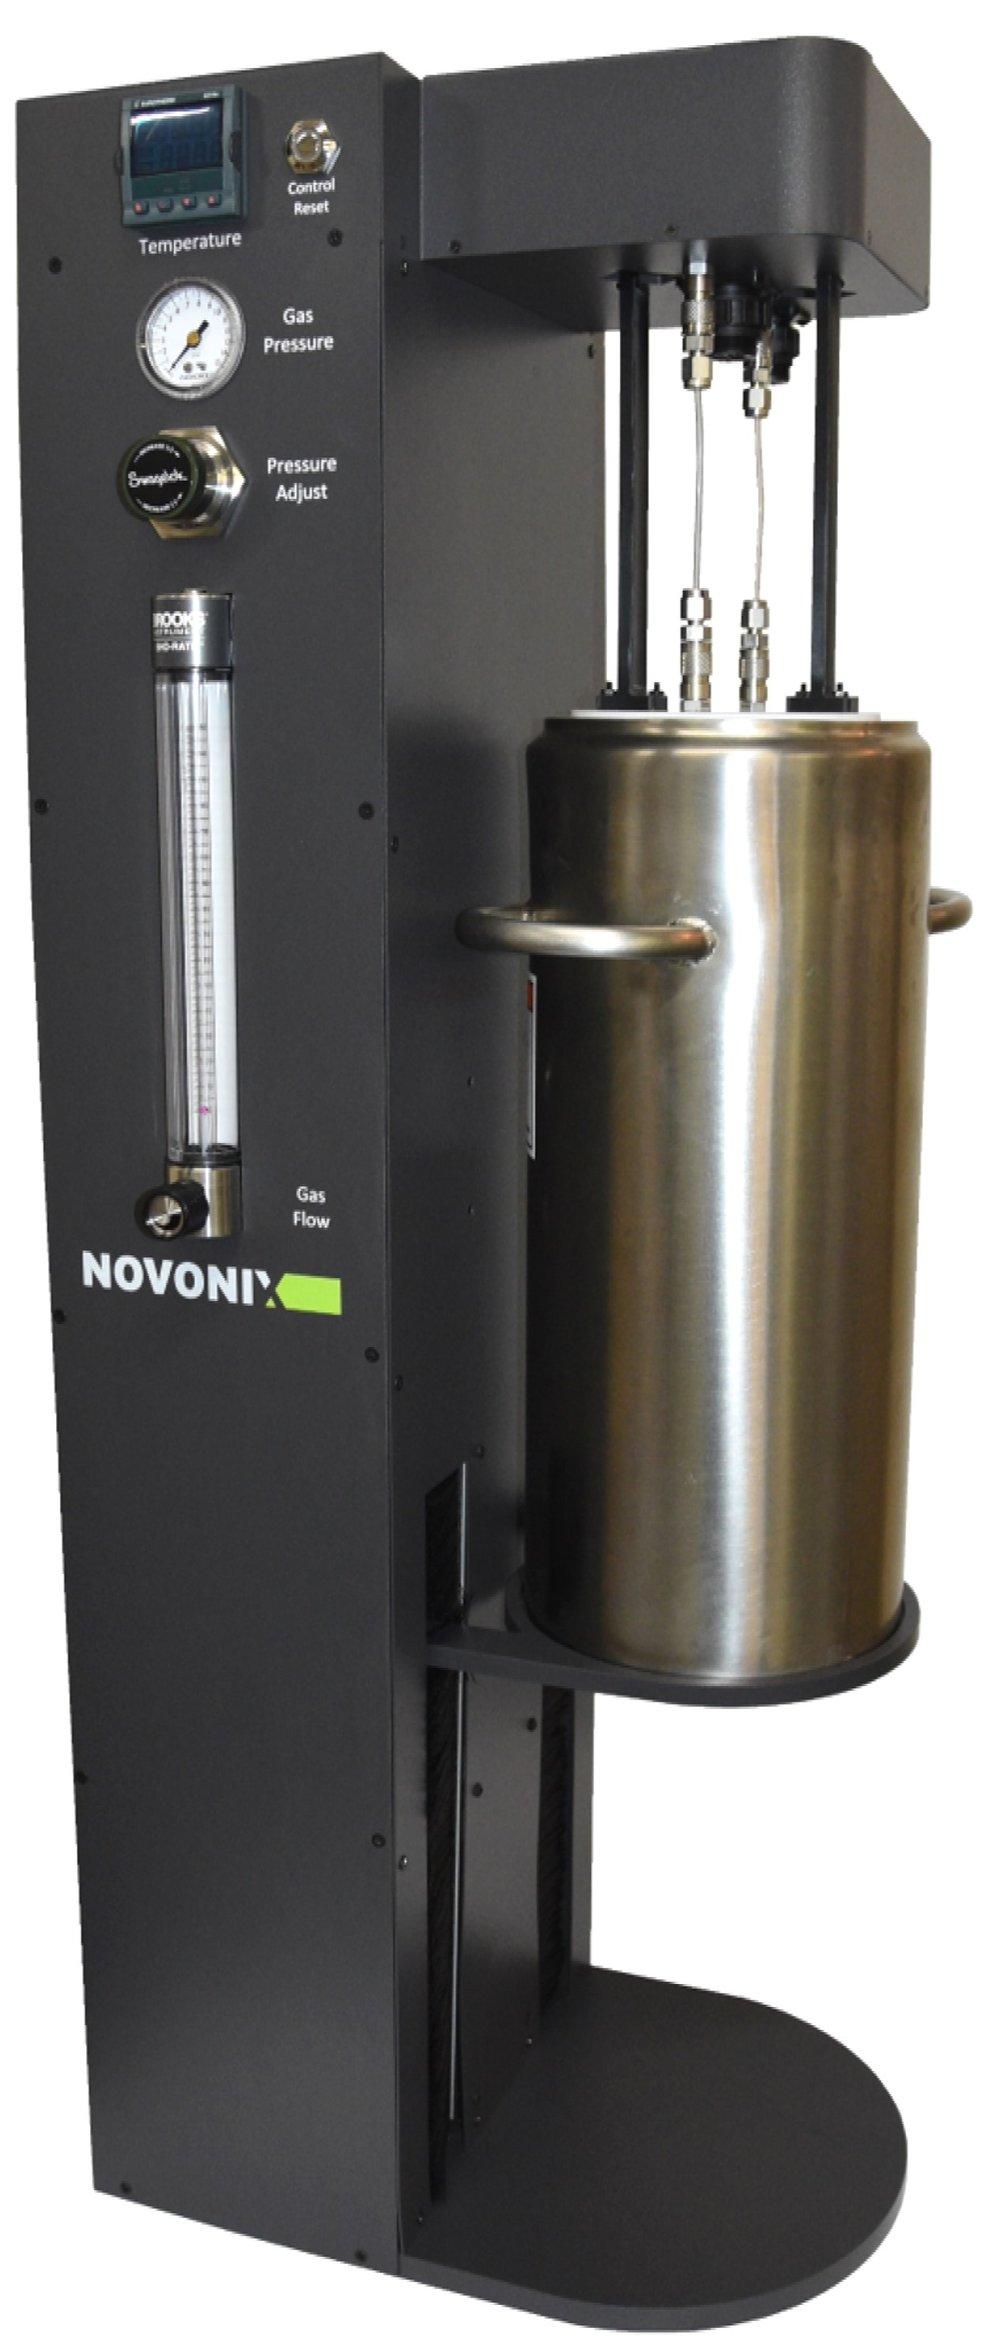 Novonix benchtop DTA system